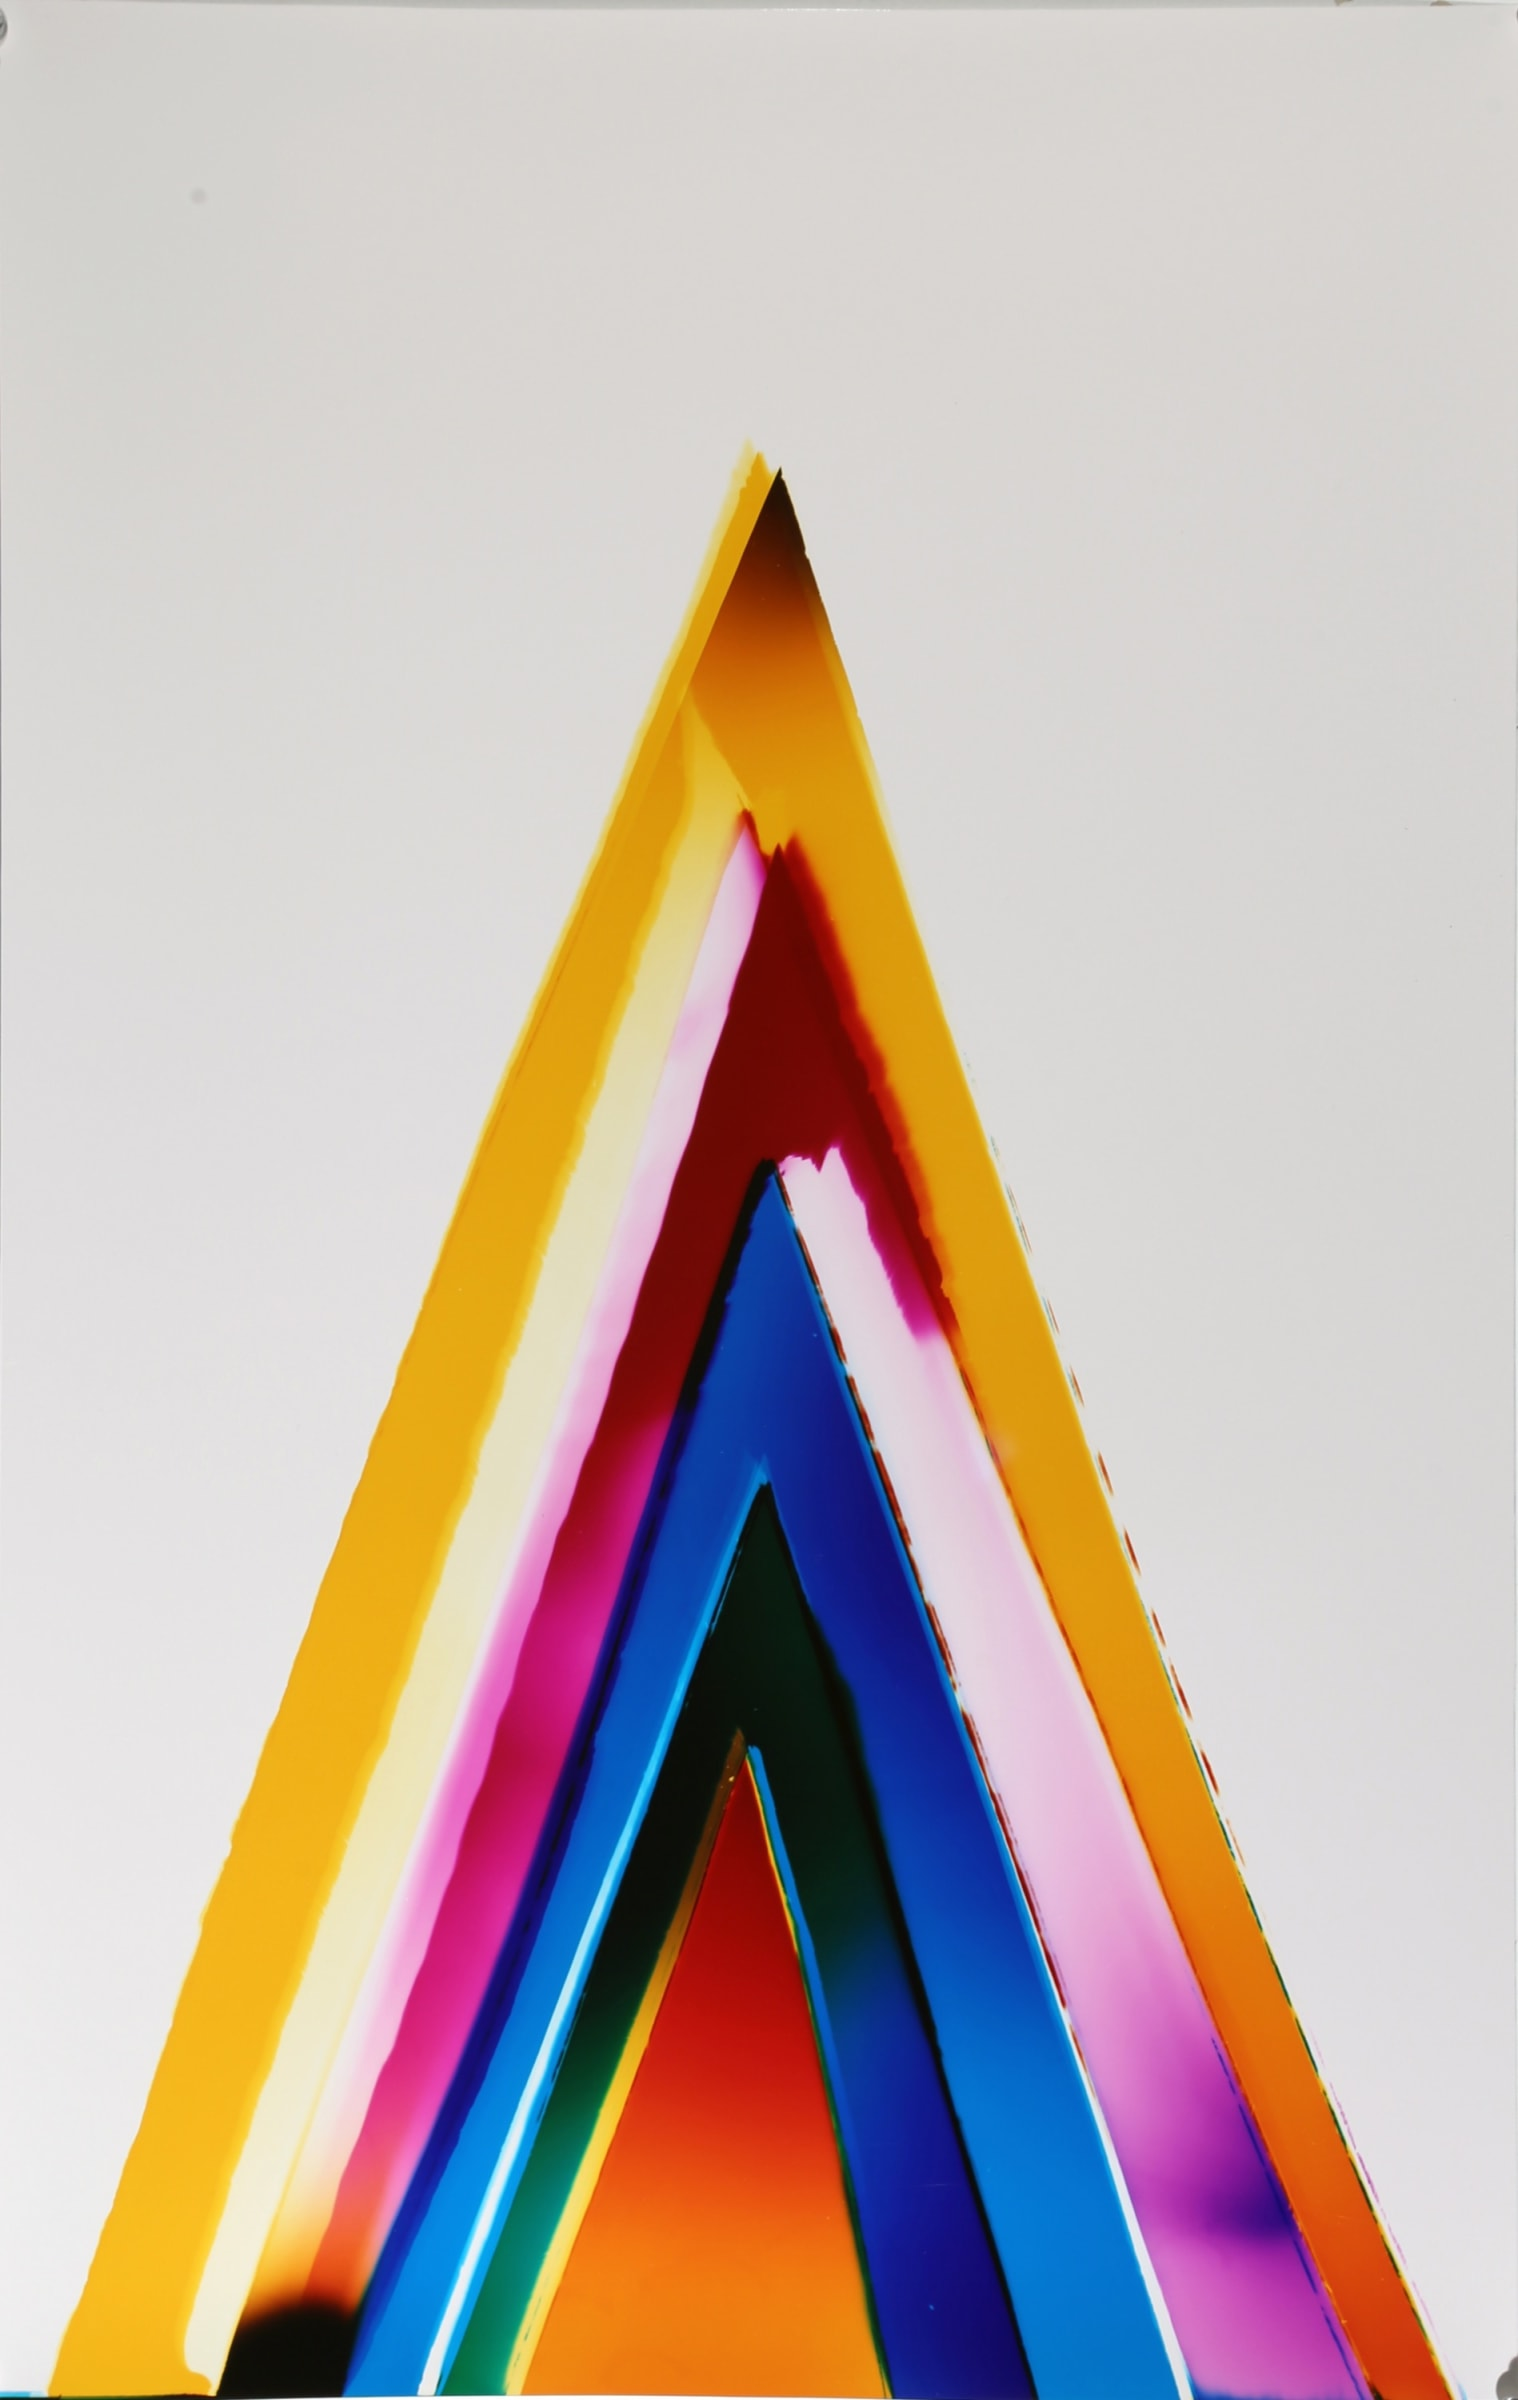 """<span class=""""link fancybox-details-link""""><a href=""""/exhibitions/11/works/artworks120/"""">View Detail Page</a></span><div class=""""artist""""><strong>Liz Nielsen</strong></div><div class=""""title""""><em>Cocktail Portal</em>, 2018</div><div class=""""signed_and_dated"""">Signed, titled and dated on artist's label</div><div class=""""medium"""">Analogue Chromogenic Photogram on Fujiflex, Unique</div><div class=""""dimensions"""">71.5 x 45.7 cm<br>28 1/8 x 18 in</div>"""